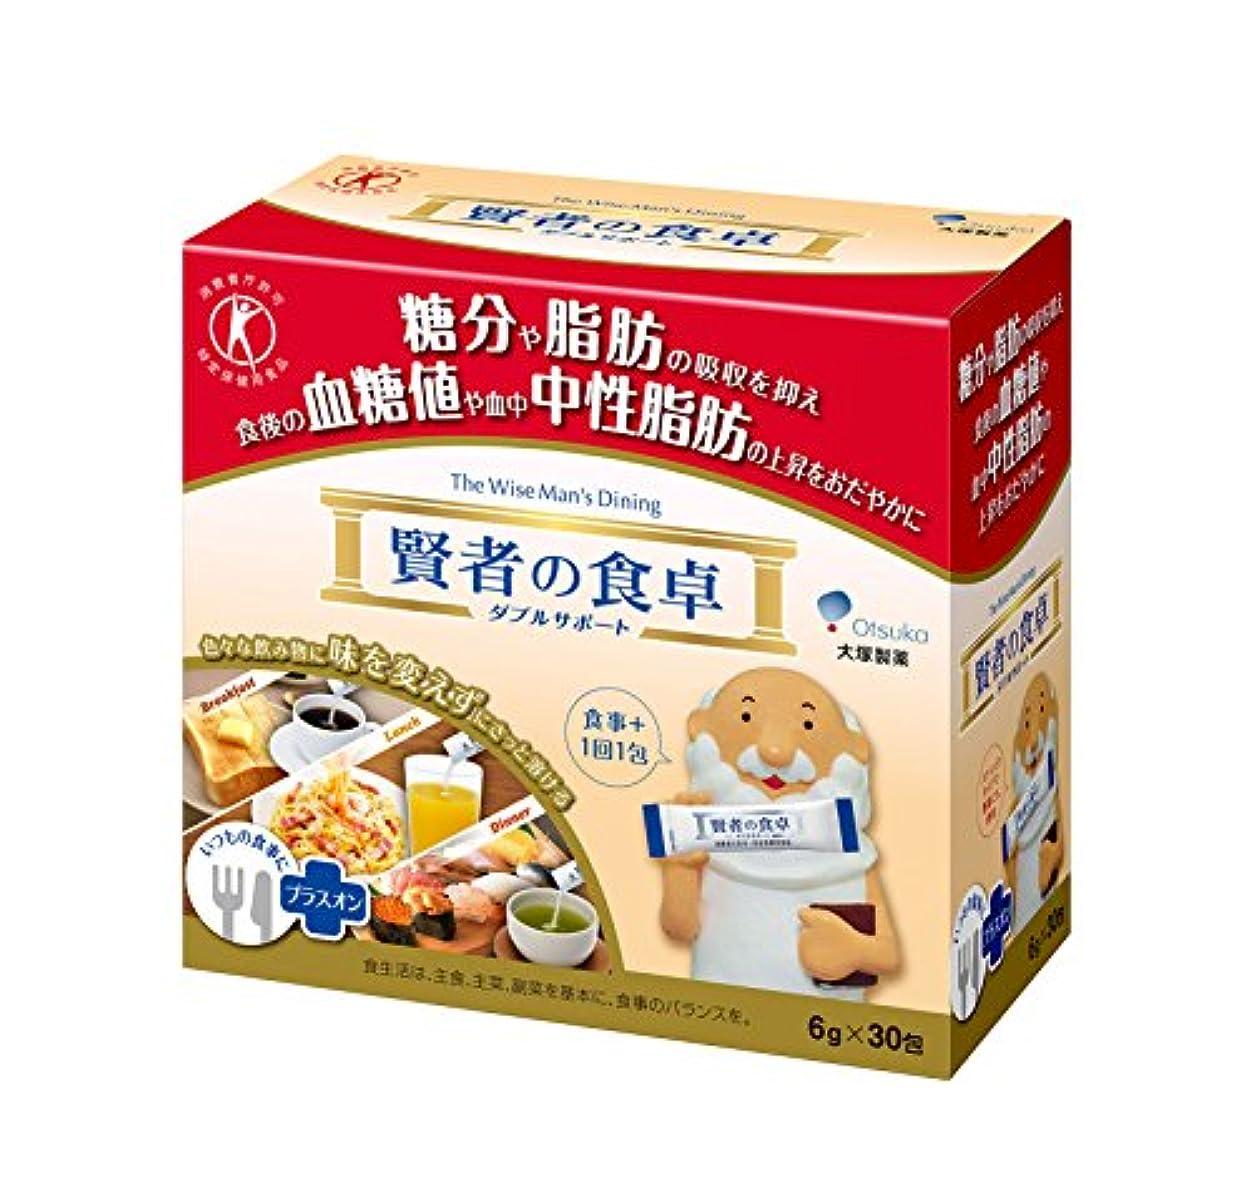 でも推進欠席大塚製薬 賢者の食卓 ダブルサポート 6g×30包 【特定保健用食品】